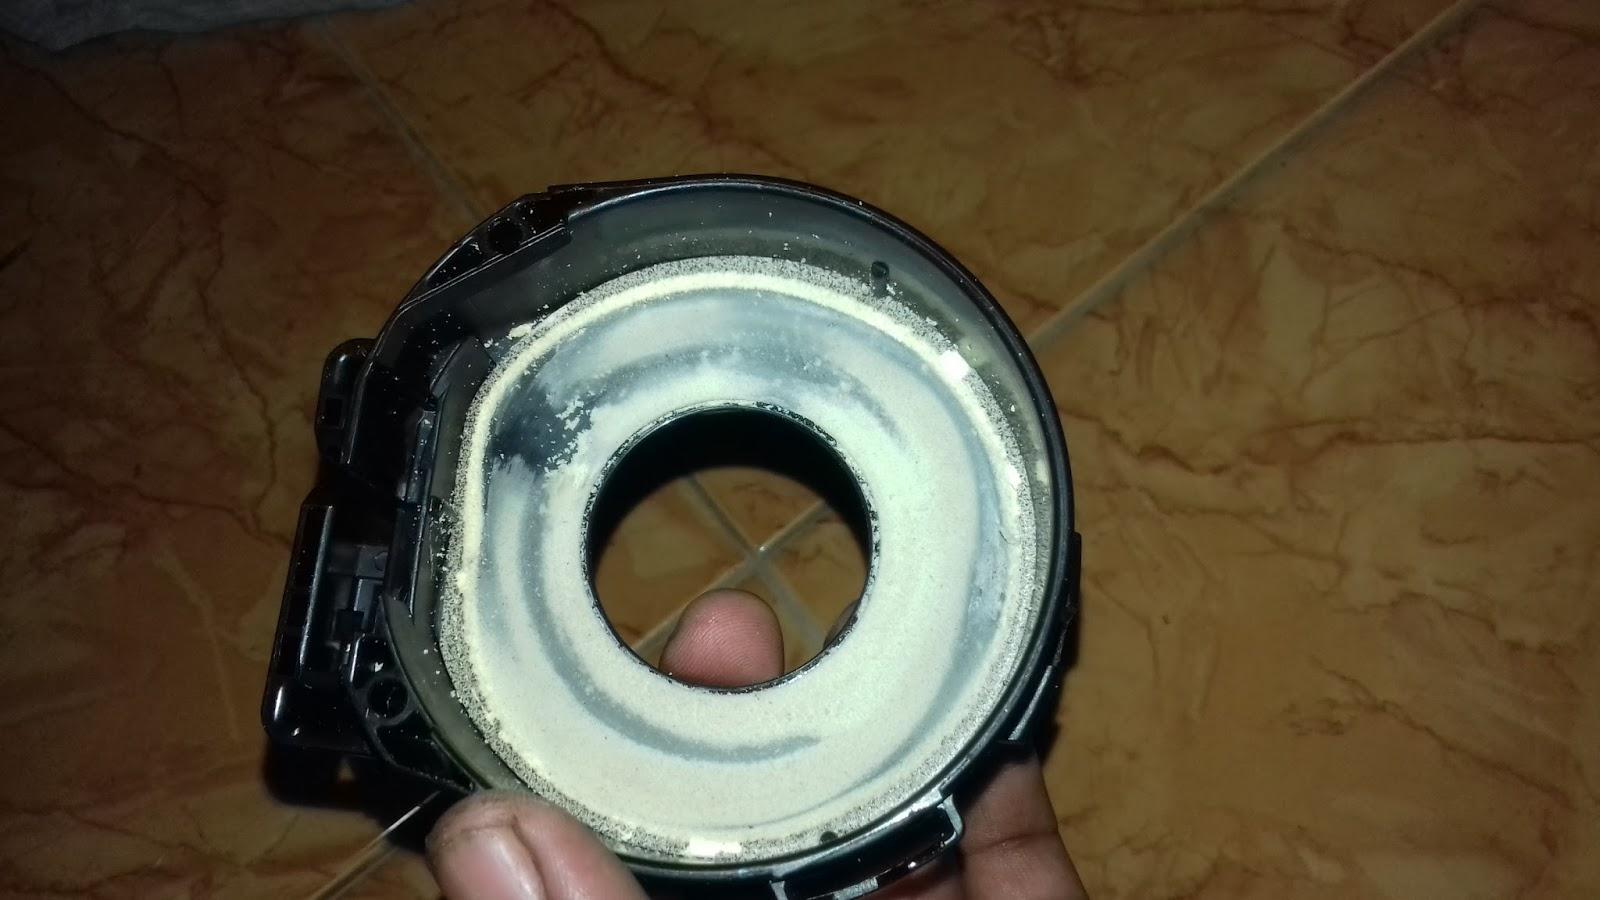 small resolution of  nyala dan bel horn tidak akan berfungsi hal itu disebabkan reel cable putus ini penampakannya dan panjang kabel tersebut kurang lebih 1 5meter